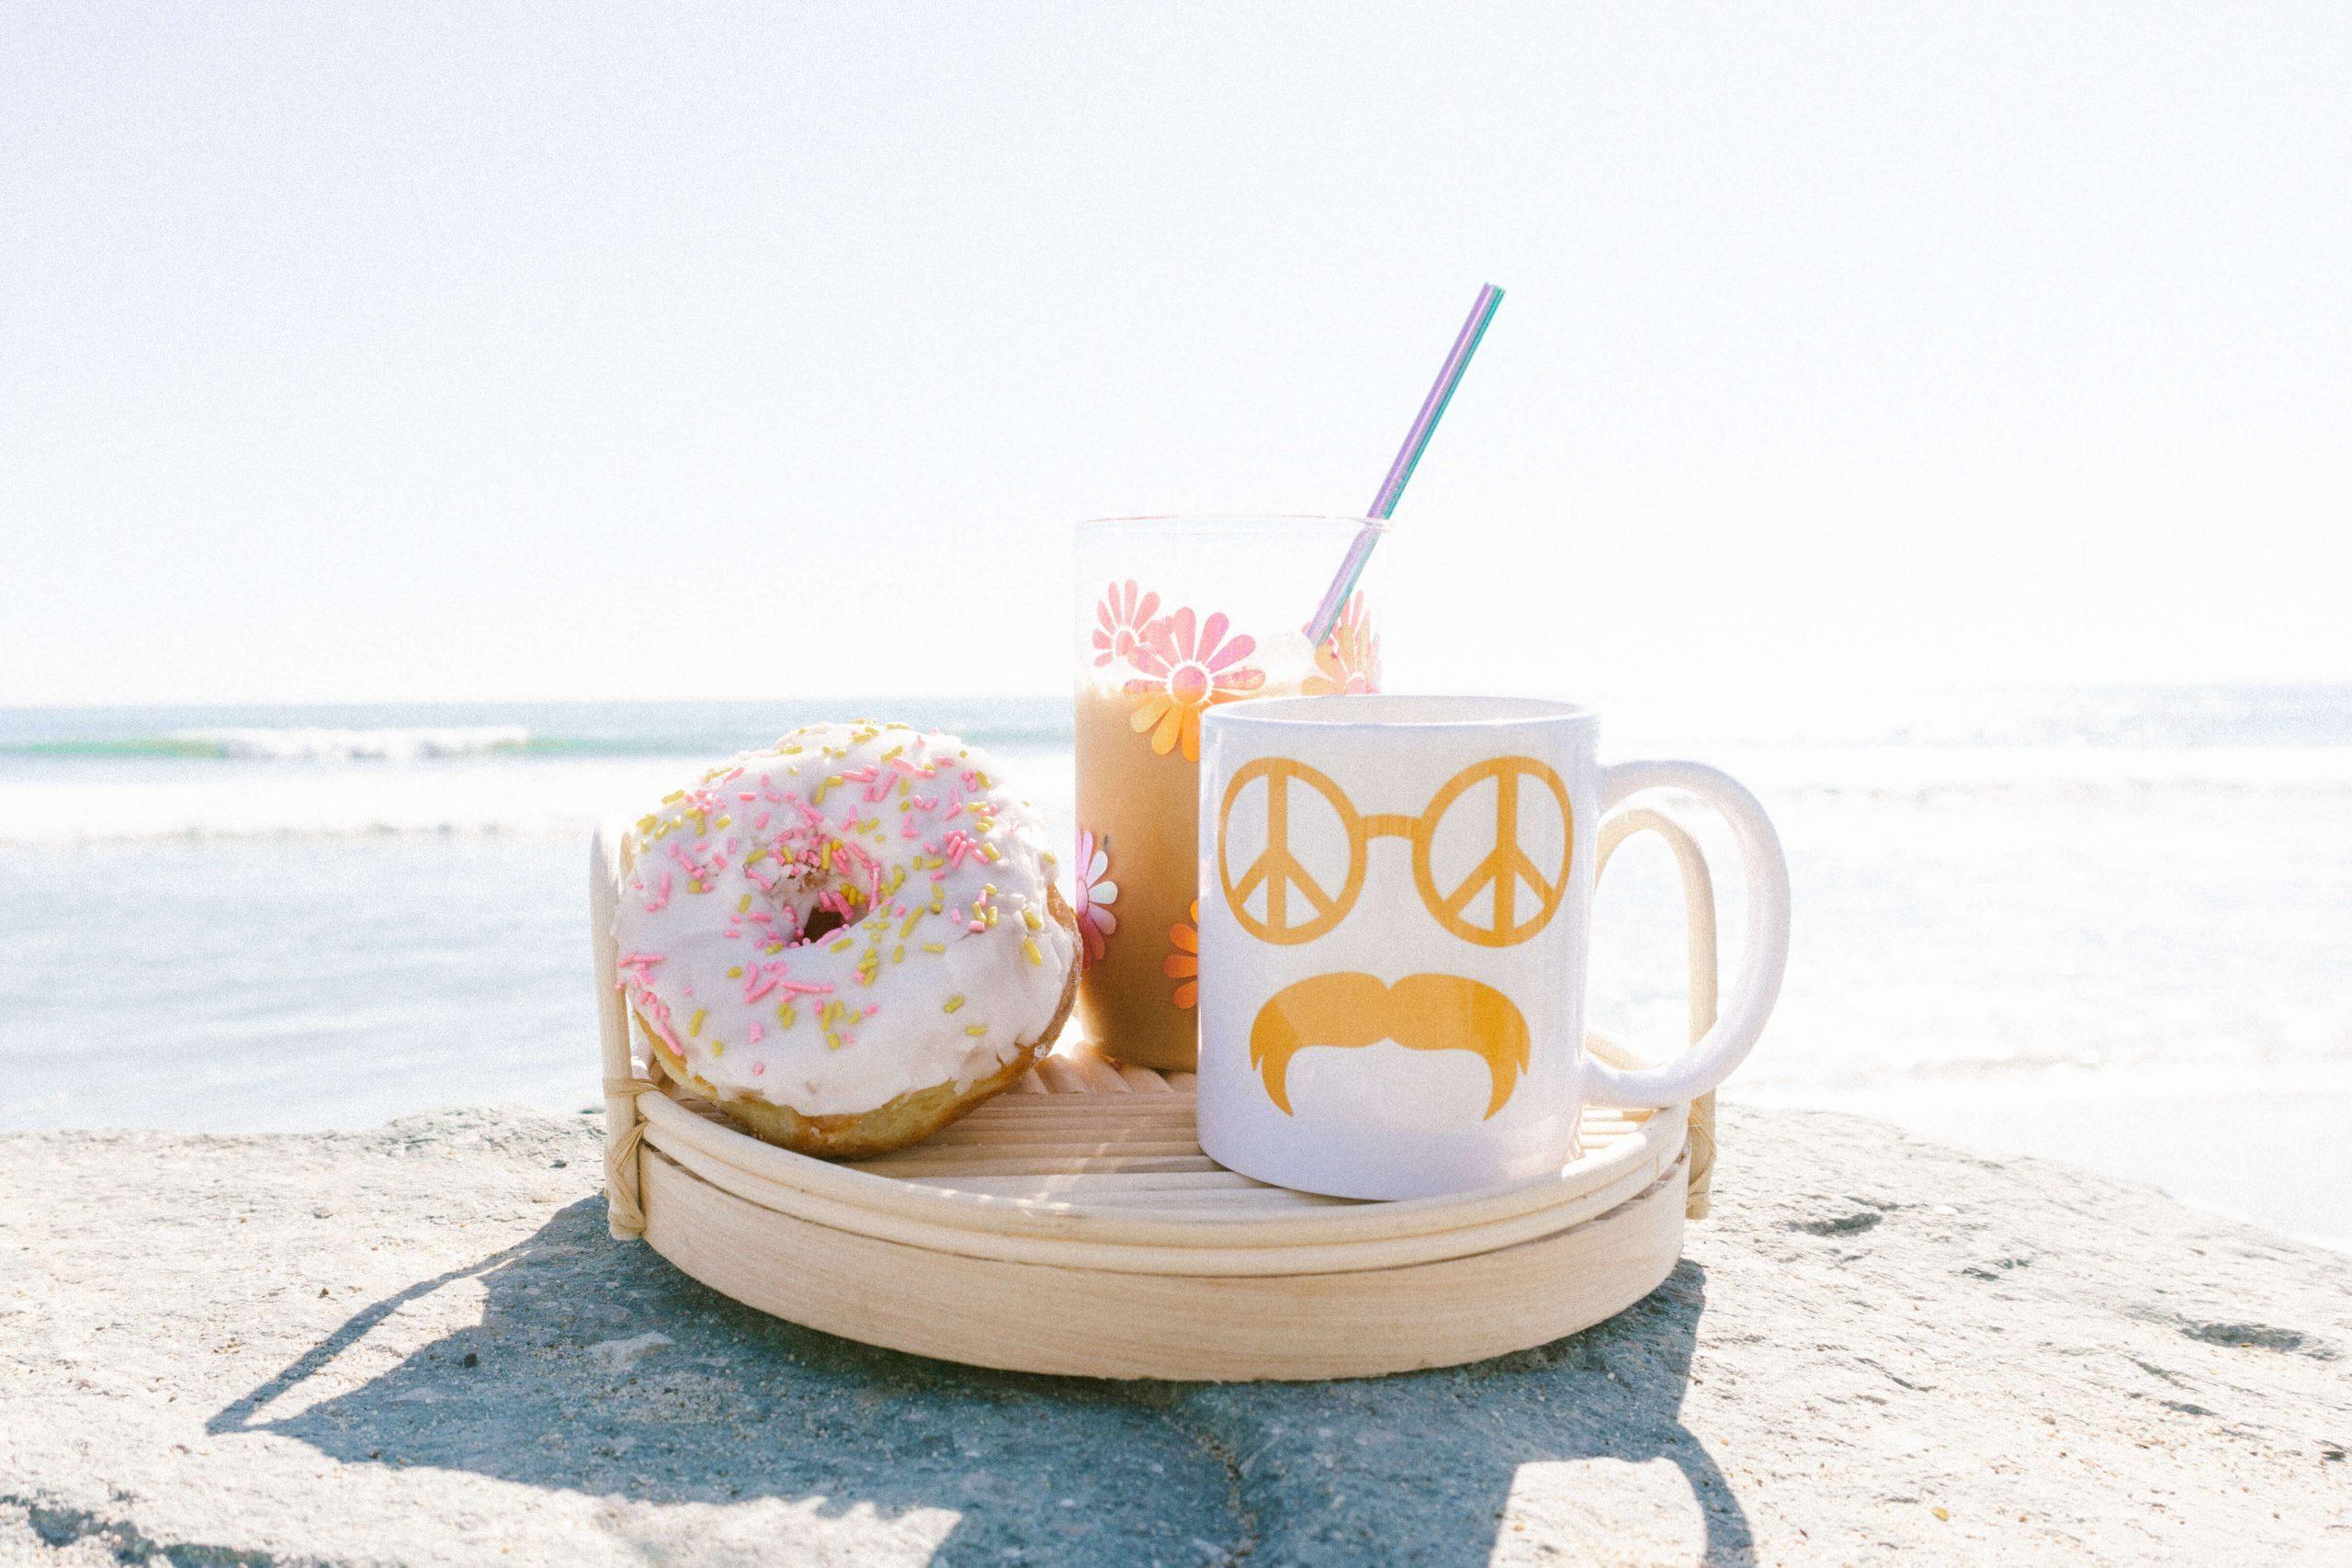 DIY-Groovy-Retro-Coffee-Mug-Cup-cricut-joy-cricut-mug-press